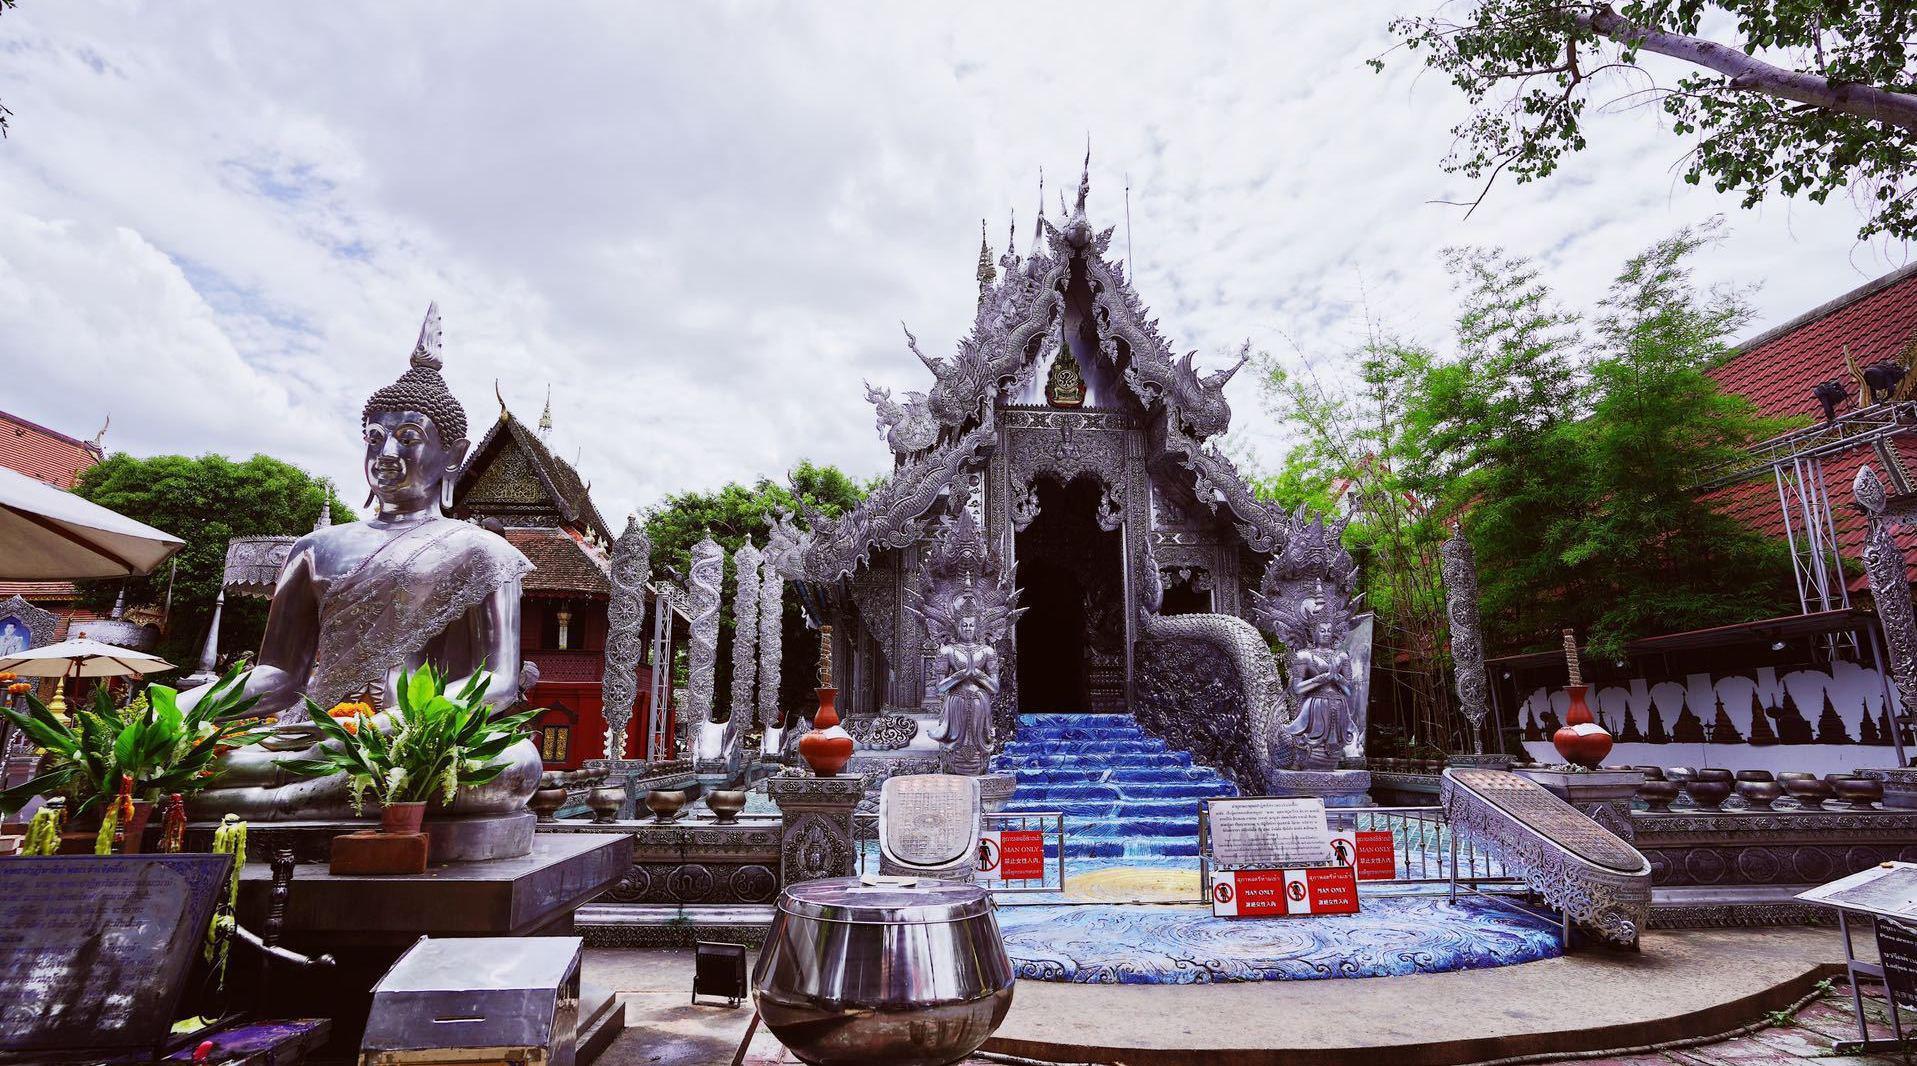 逛白庙不用去清莱,原来清迈也有一座白庙。你应该没去过